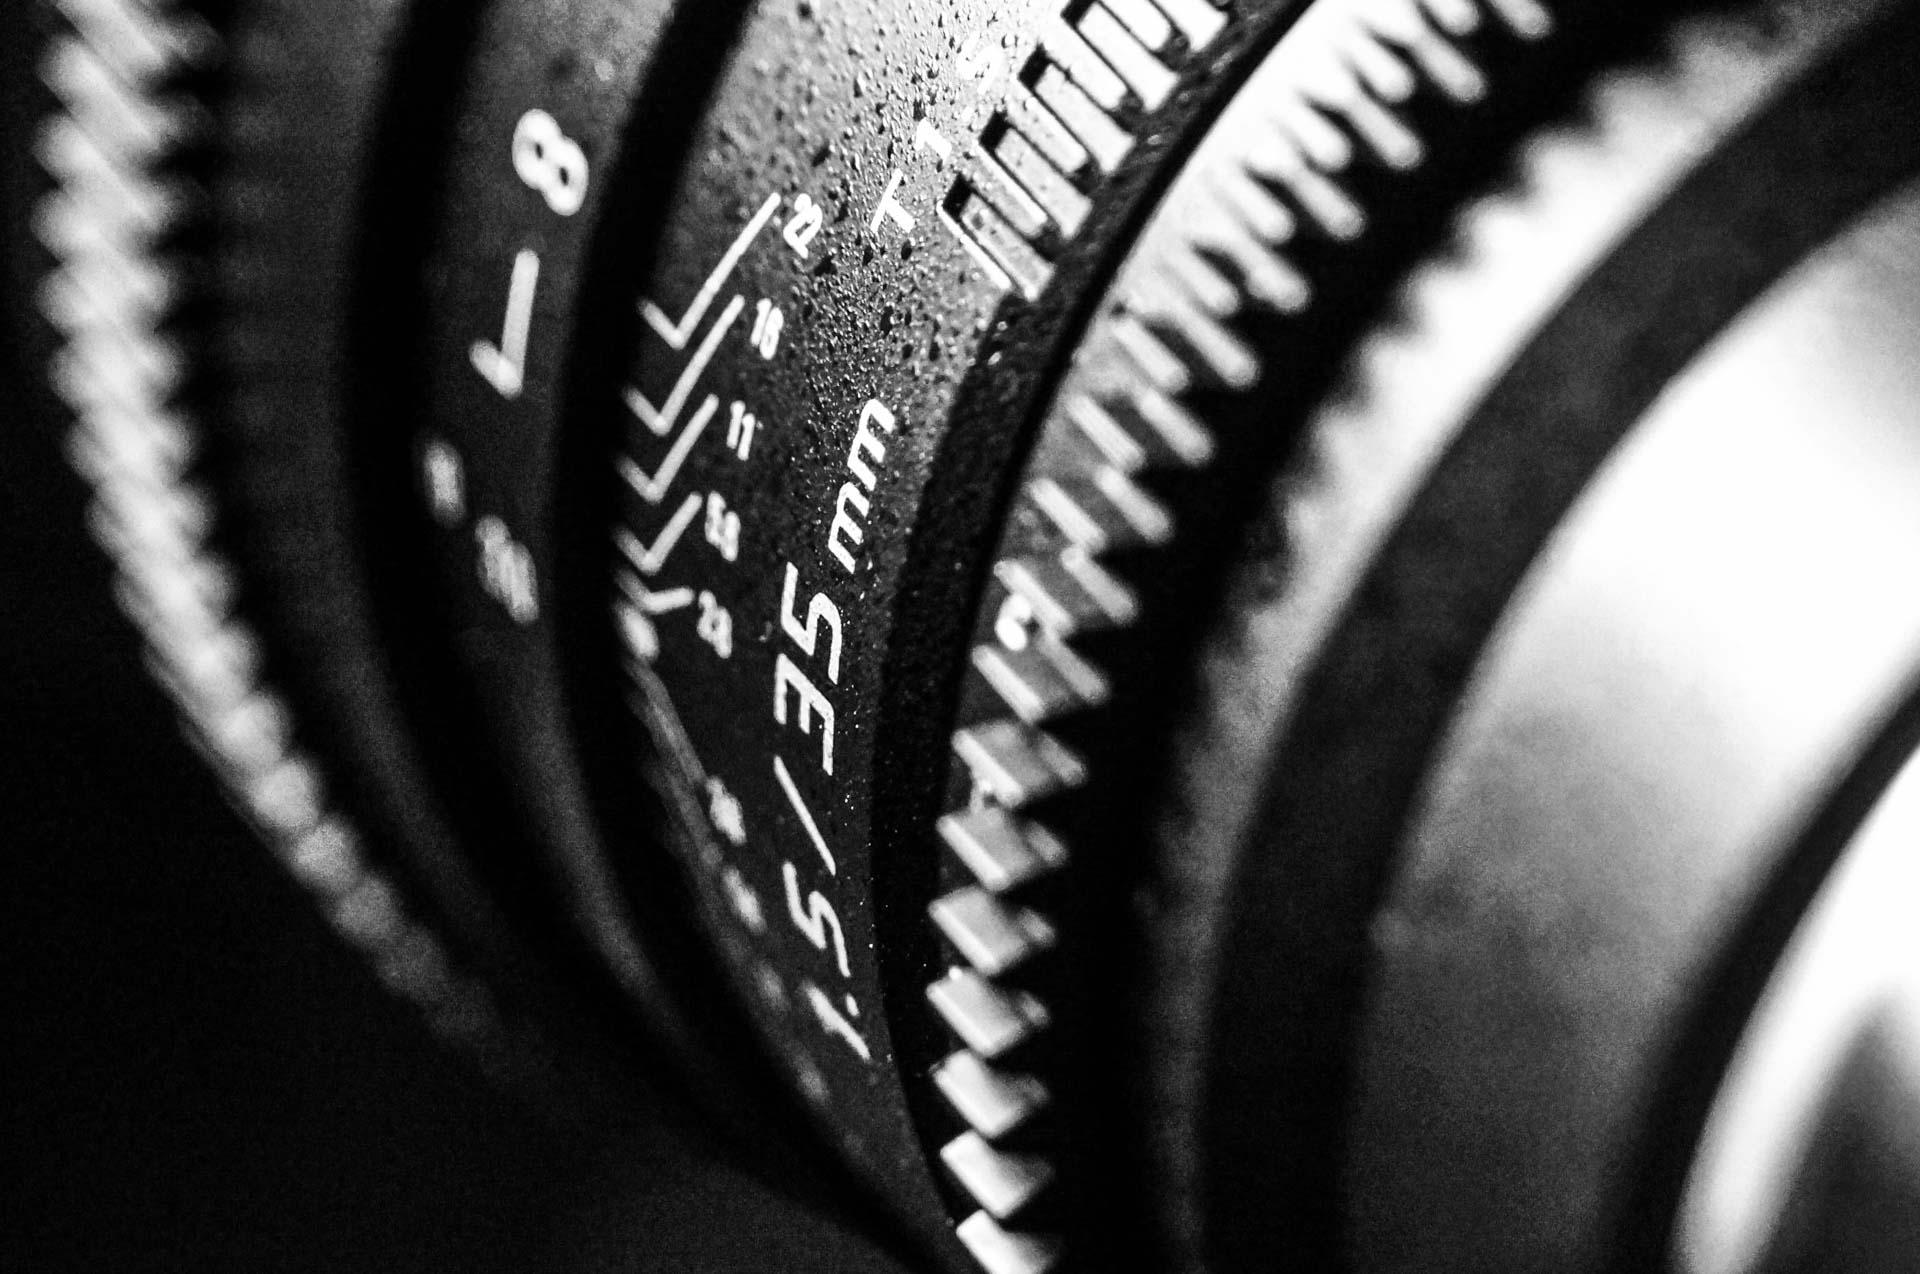 Getallen op een lens